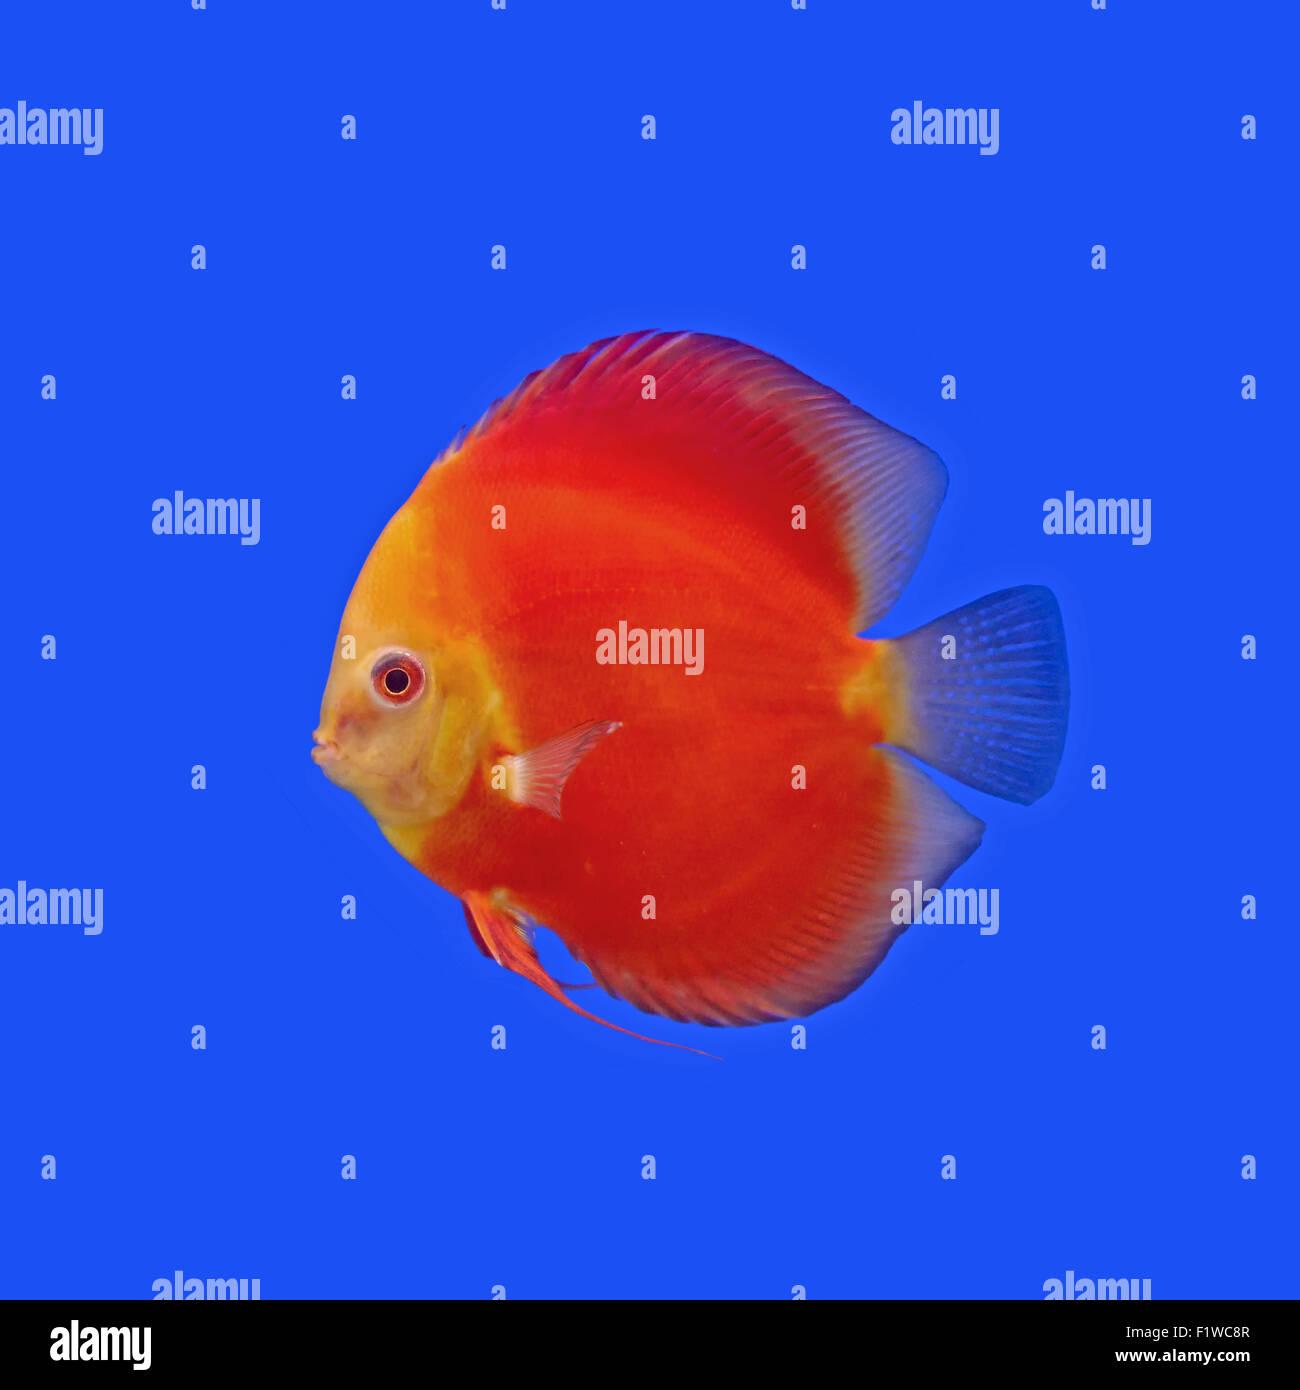 Pompadour Fish Stock Photos & Pompadour Fish Stock Images - Alamy